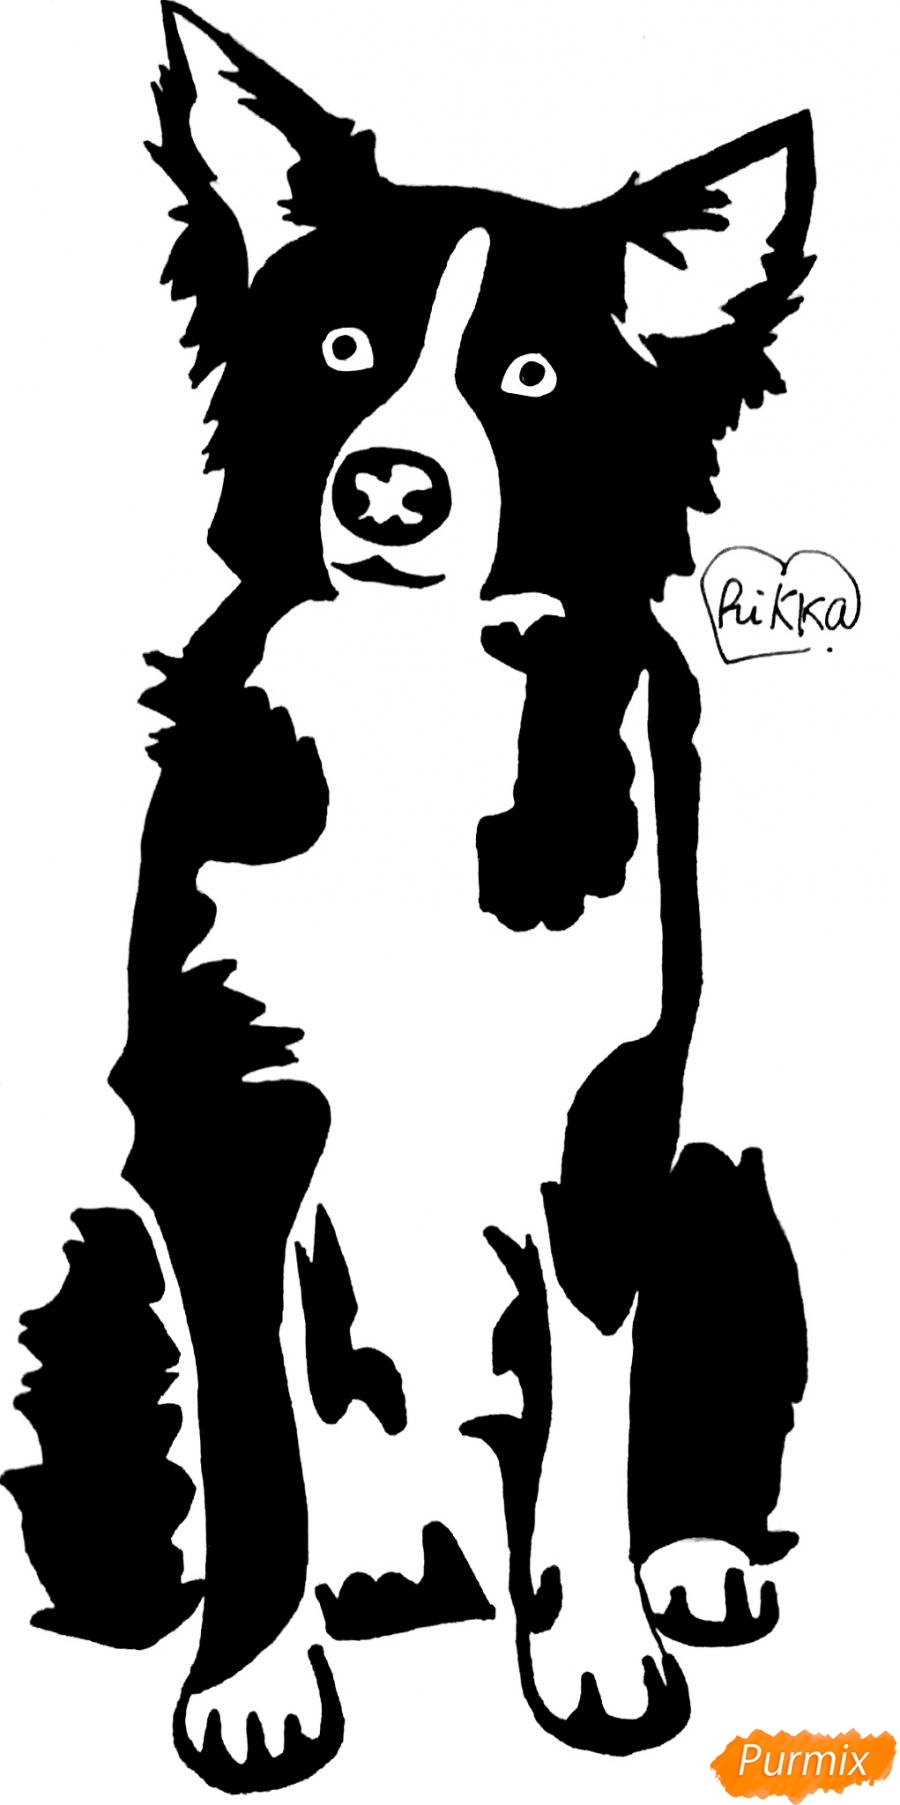 Как нарисовать тату собаку карандашом поэтапно